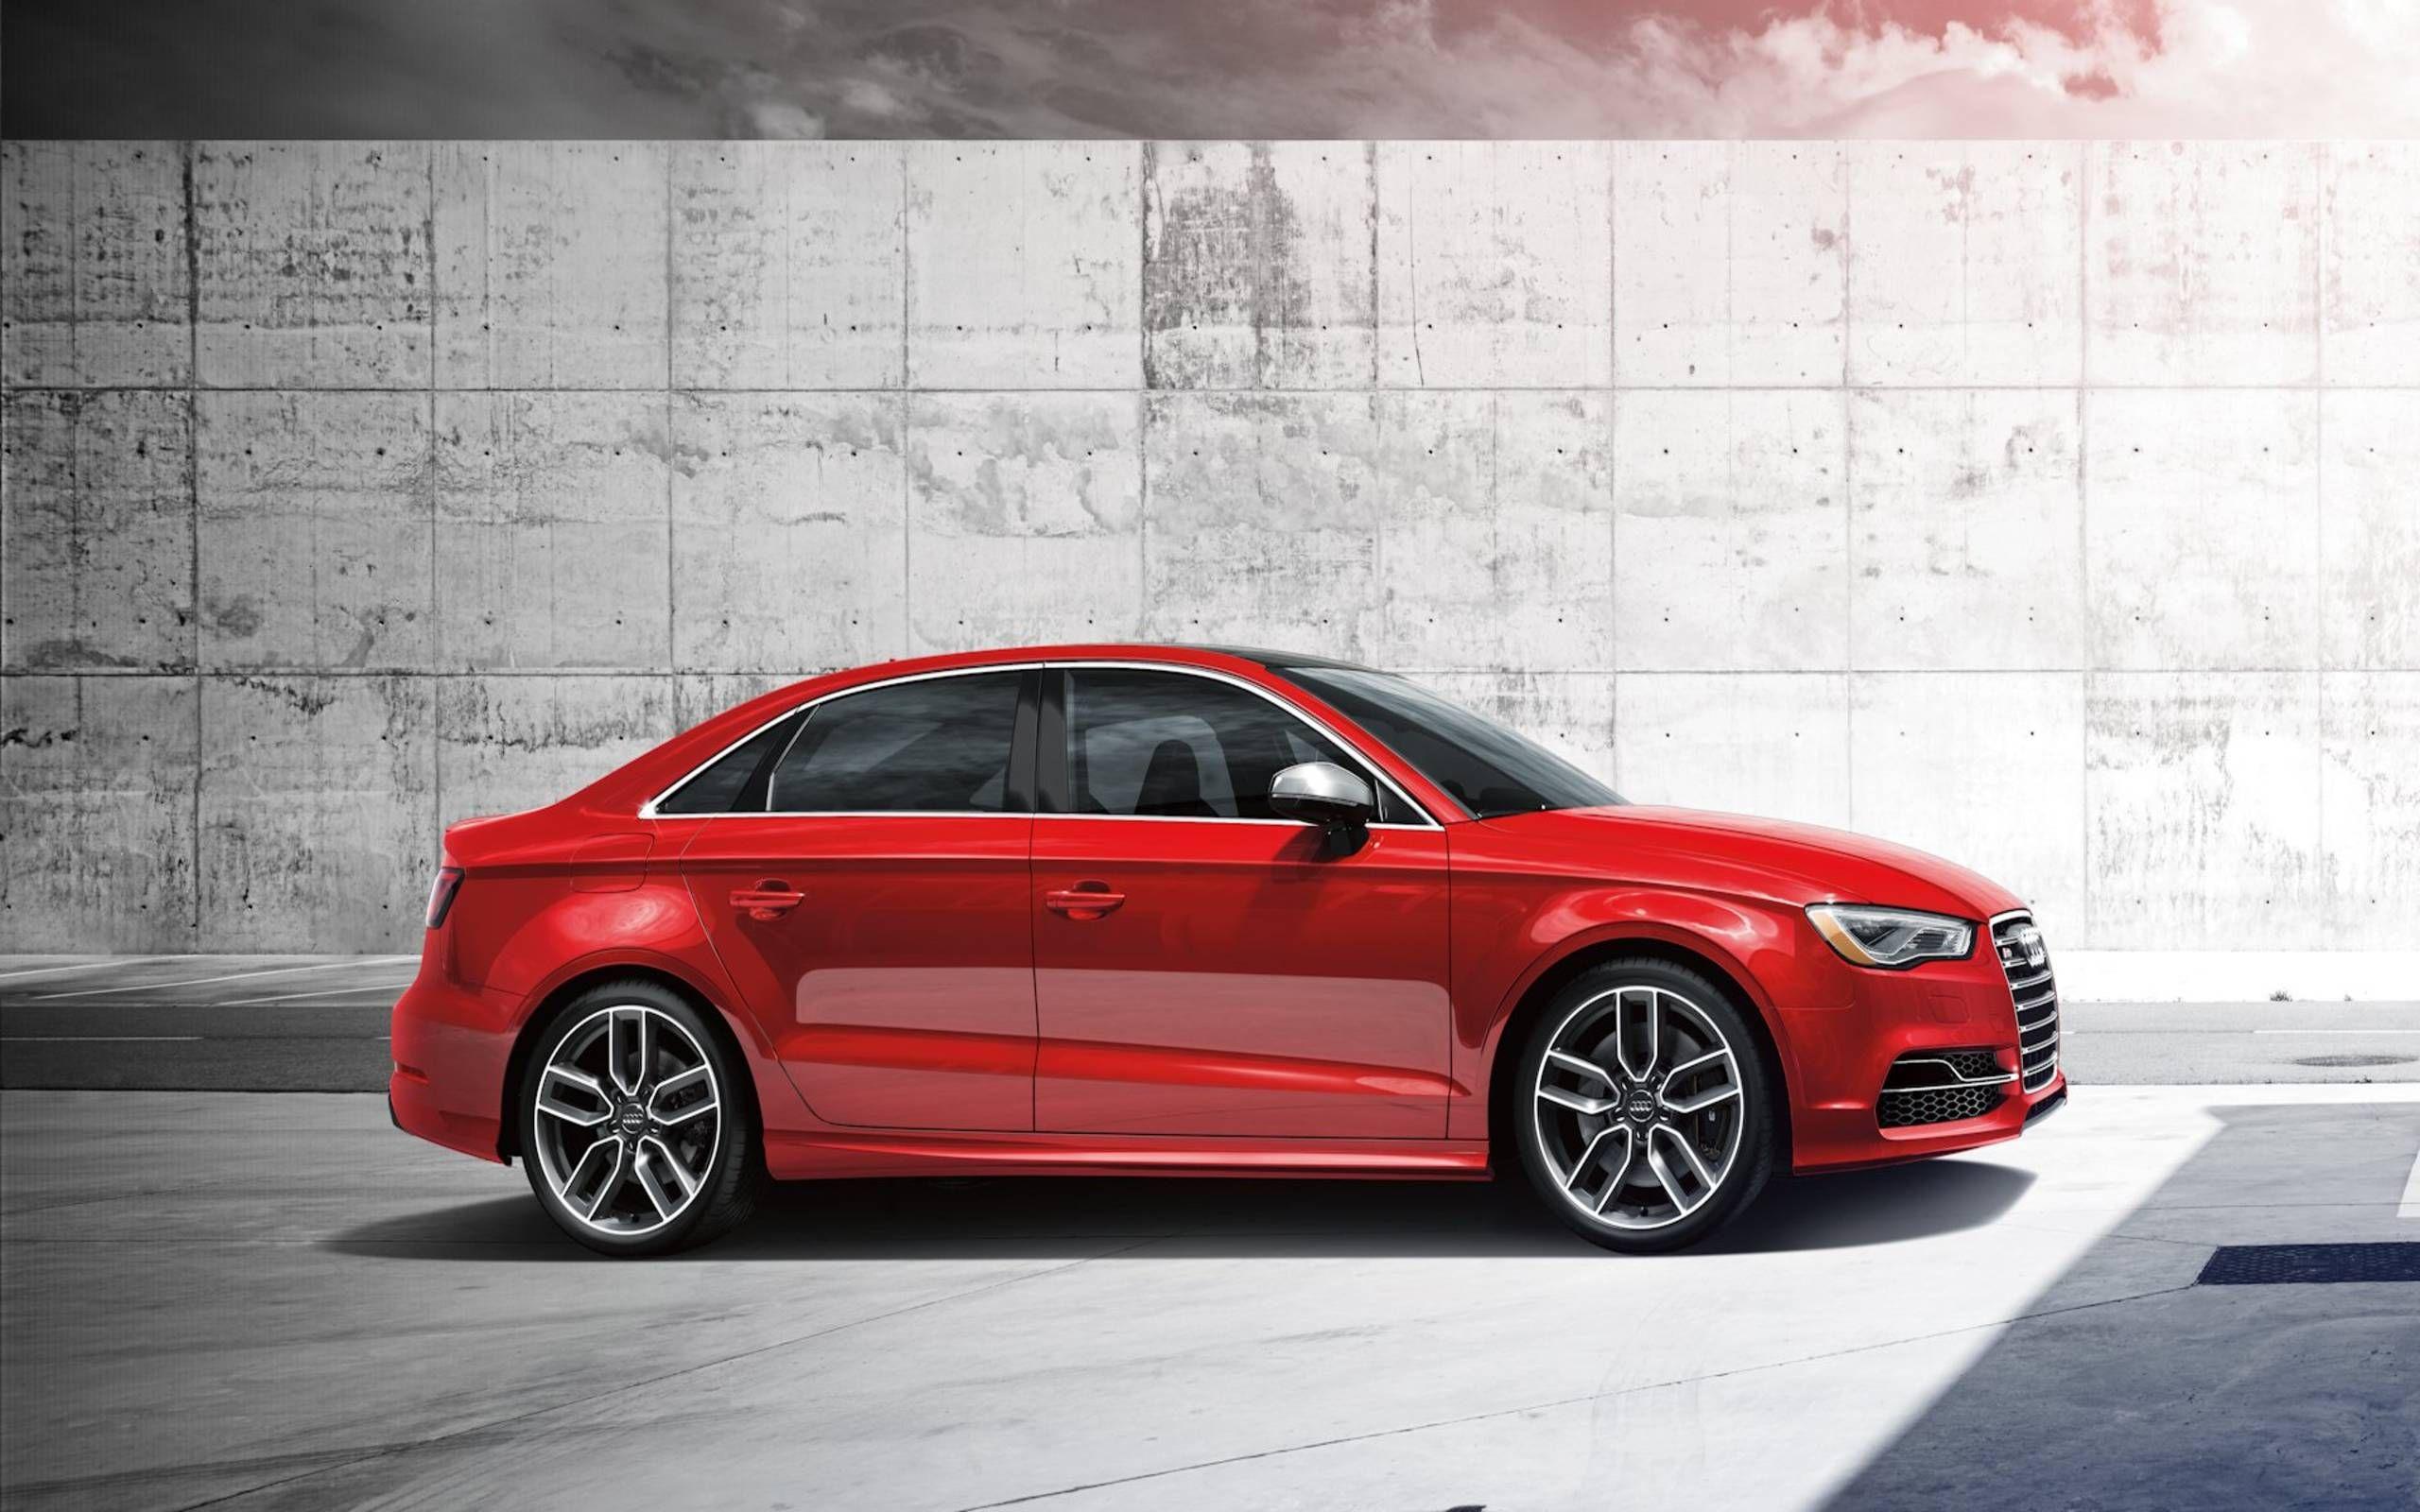 Kekurangan Audi S3 2016 Top Model Tahun Ini